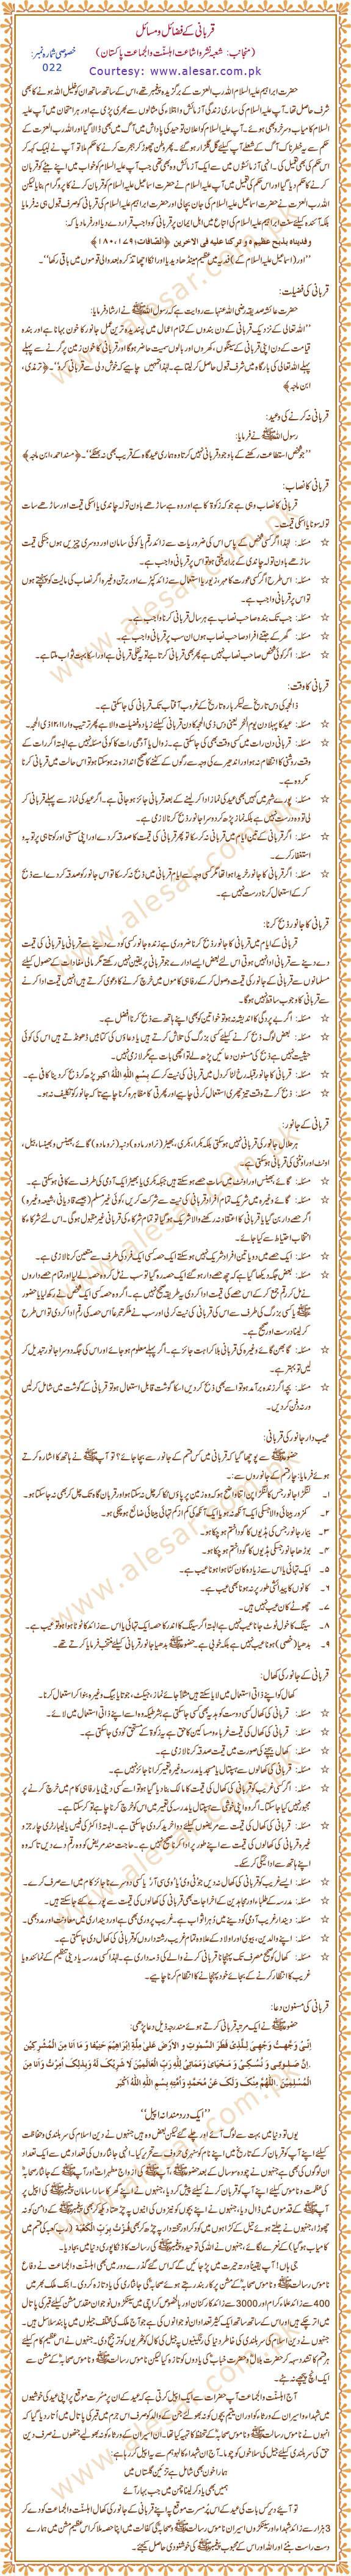 Eid Qurbani, Fazail aur Masail